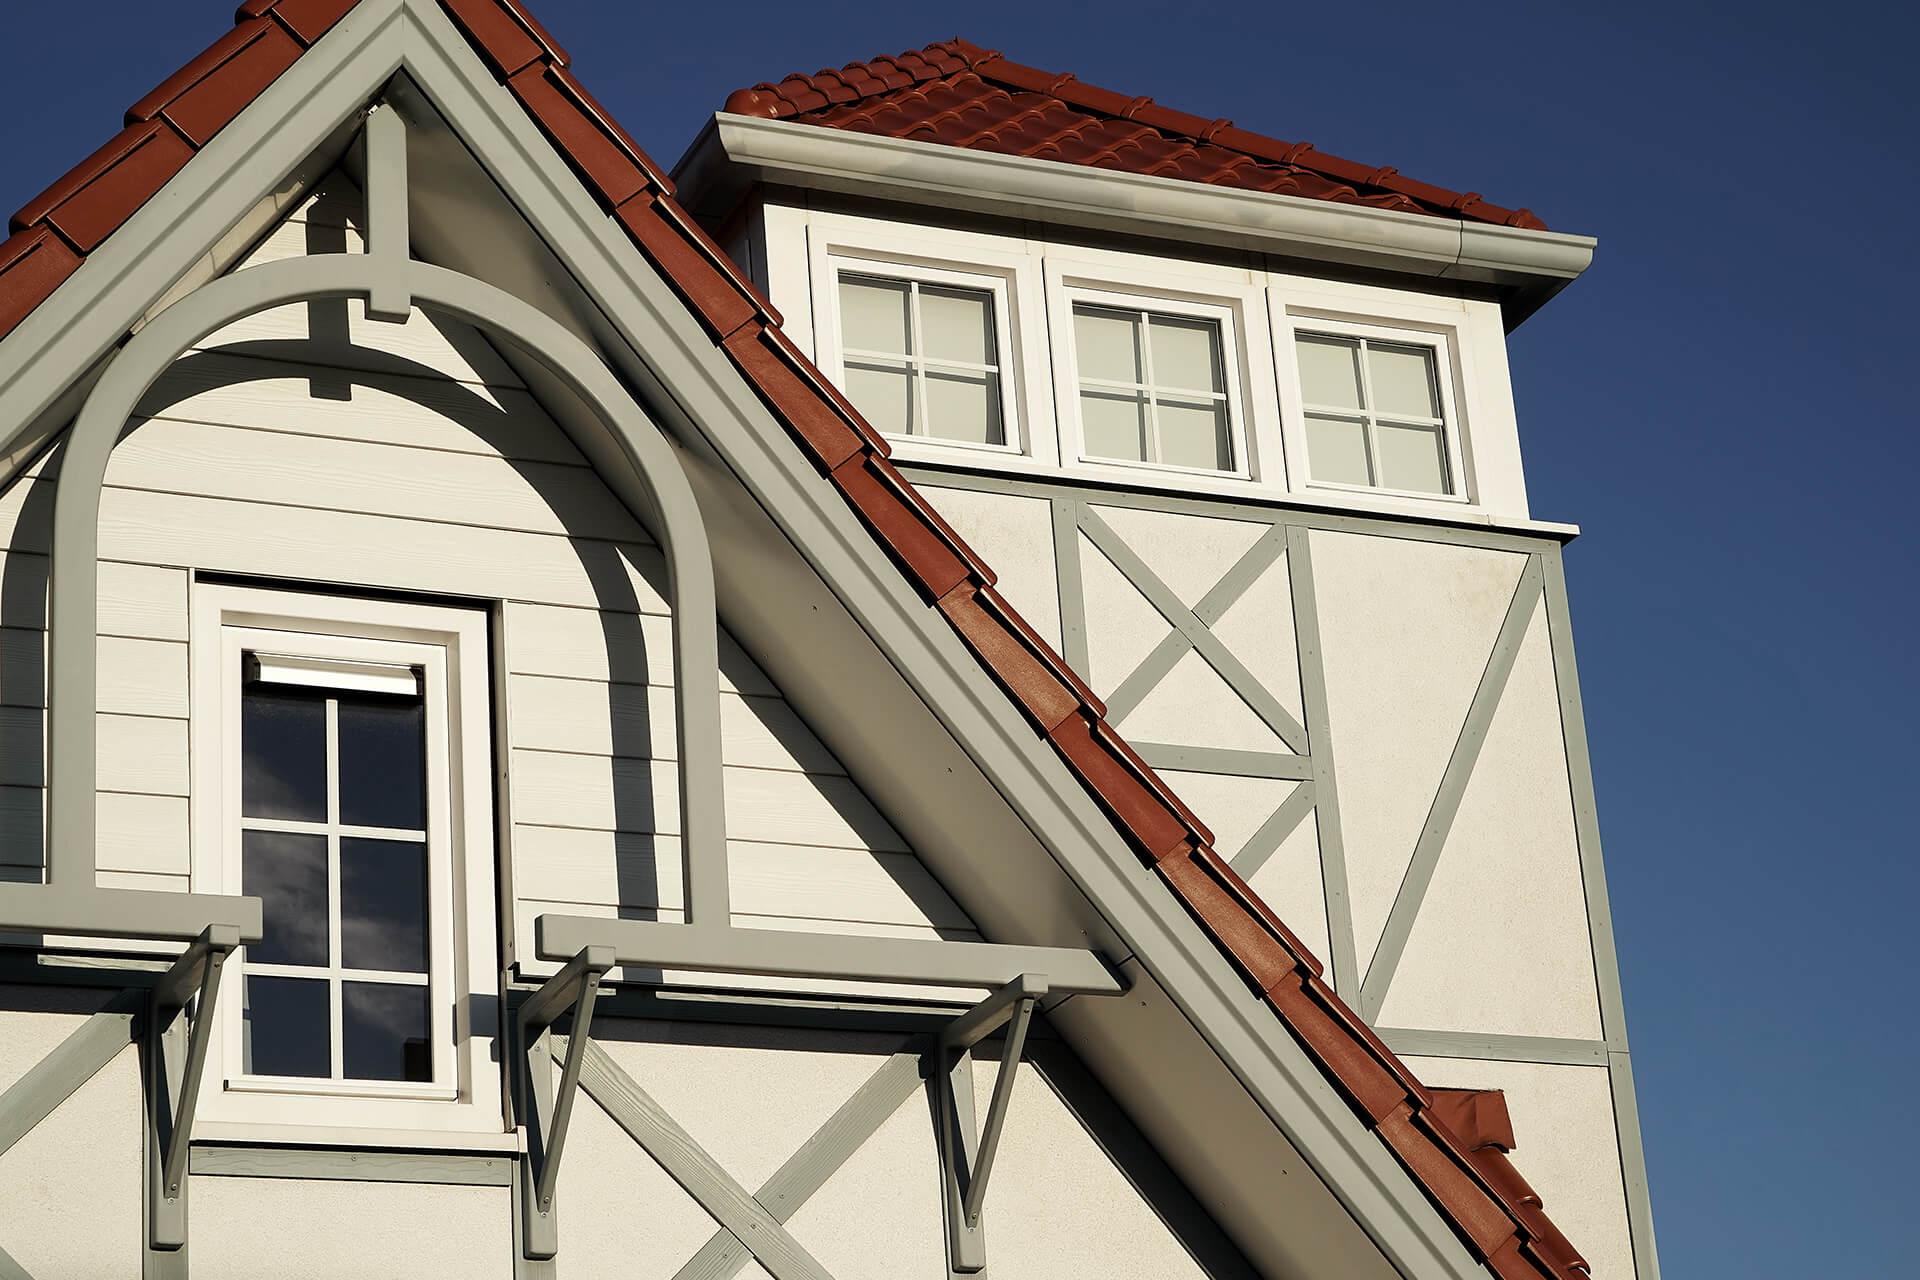 Leisure Architectuur - Noordzee Résidence Cadzand-Bad - Vakantie villa gevel detail